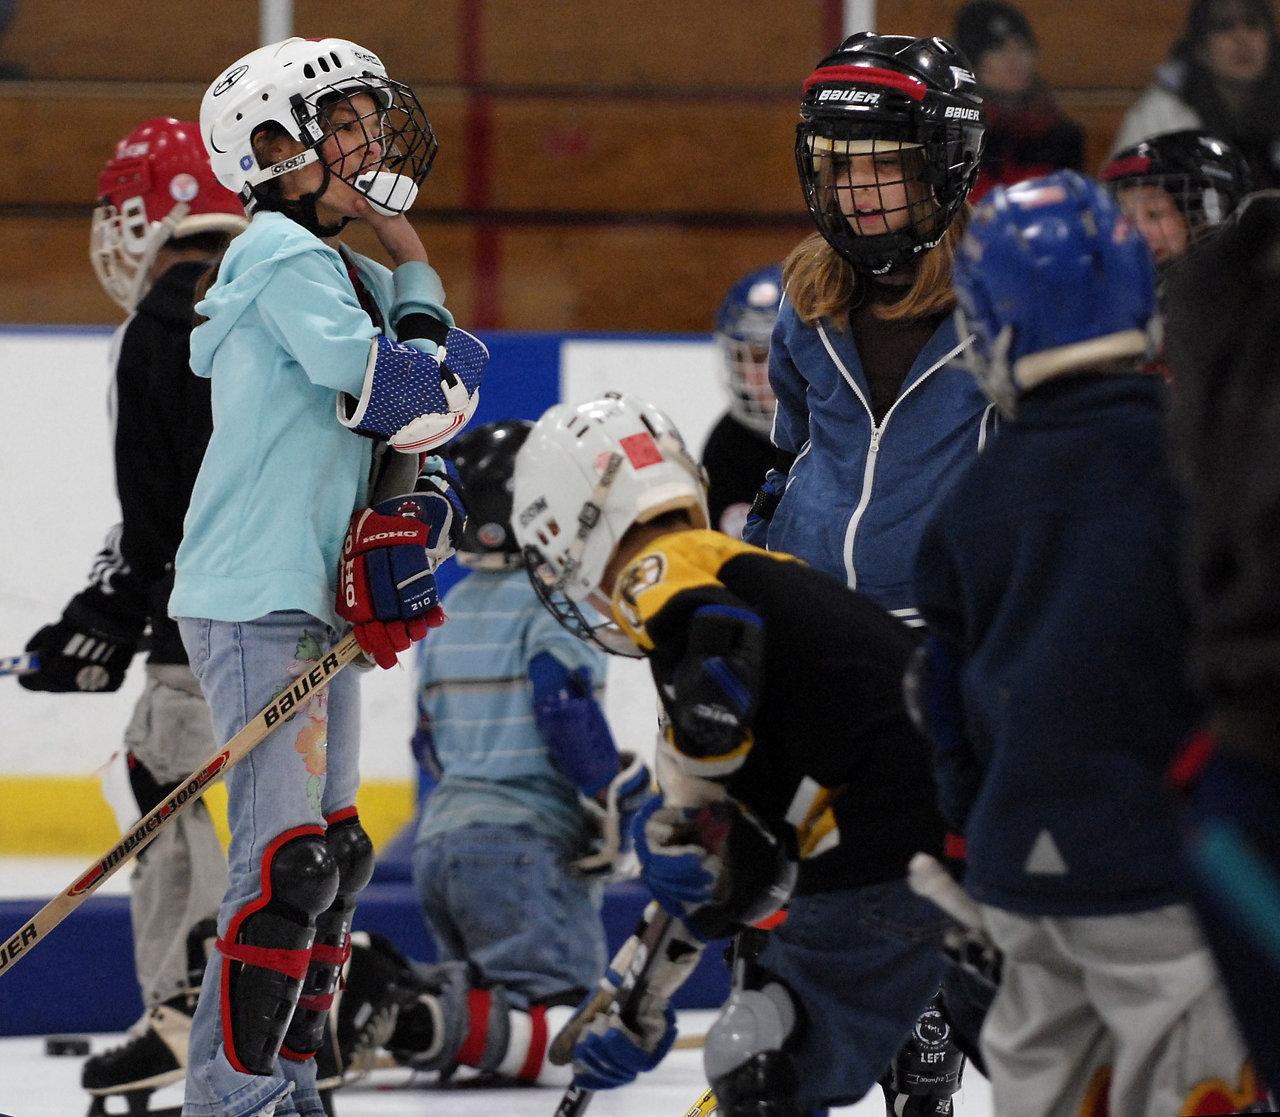 HockeyTrust08_239-57.jpg